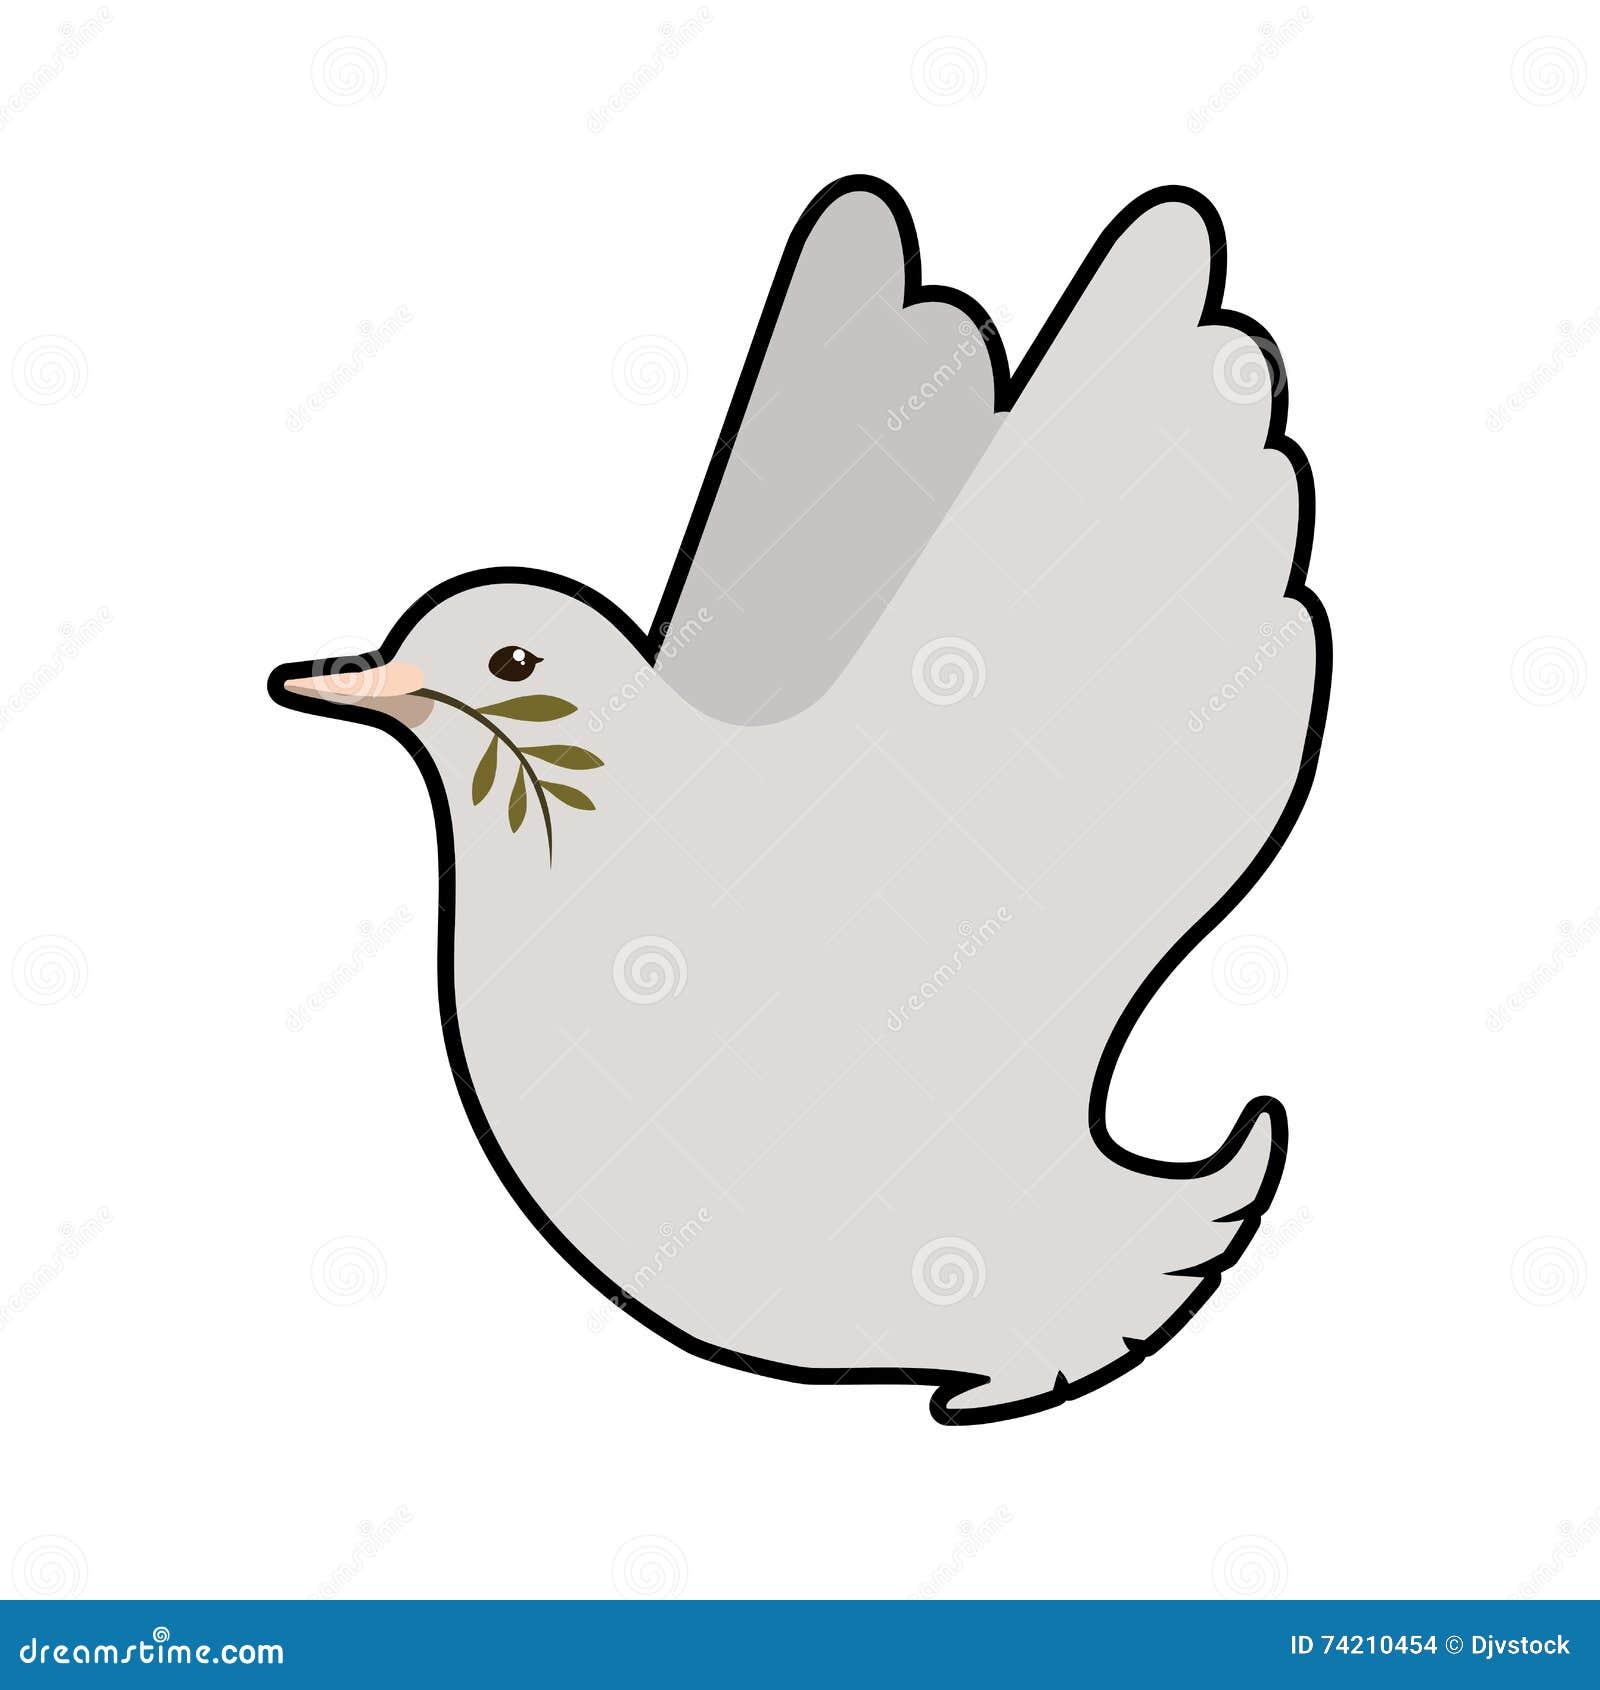 鸠象 鸟和和平设计 背景装饰图象风格化漩涡向量挥动